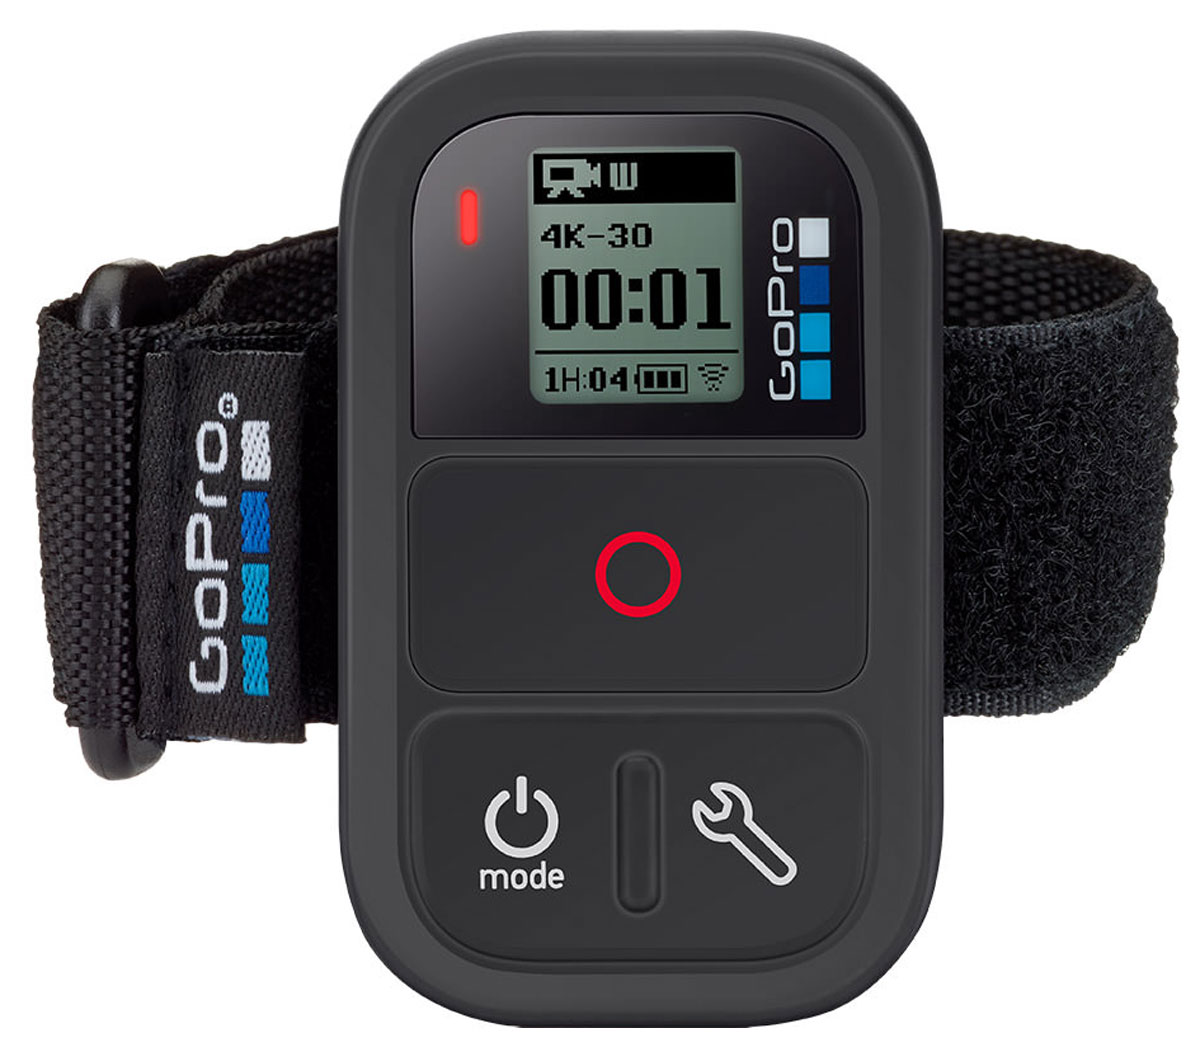 цена на GoPro Smart Remote пульт управления Wi-Fi